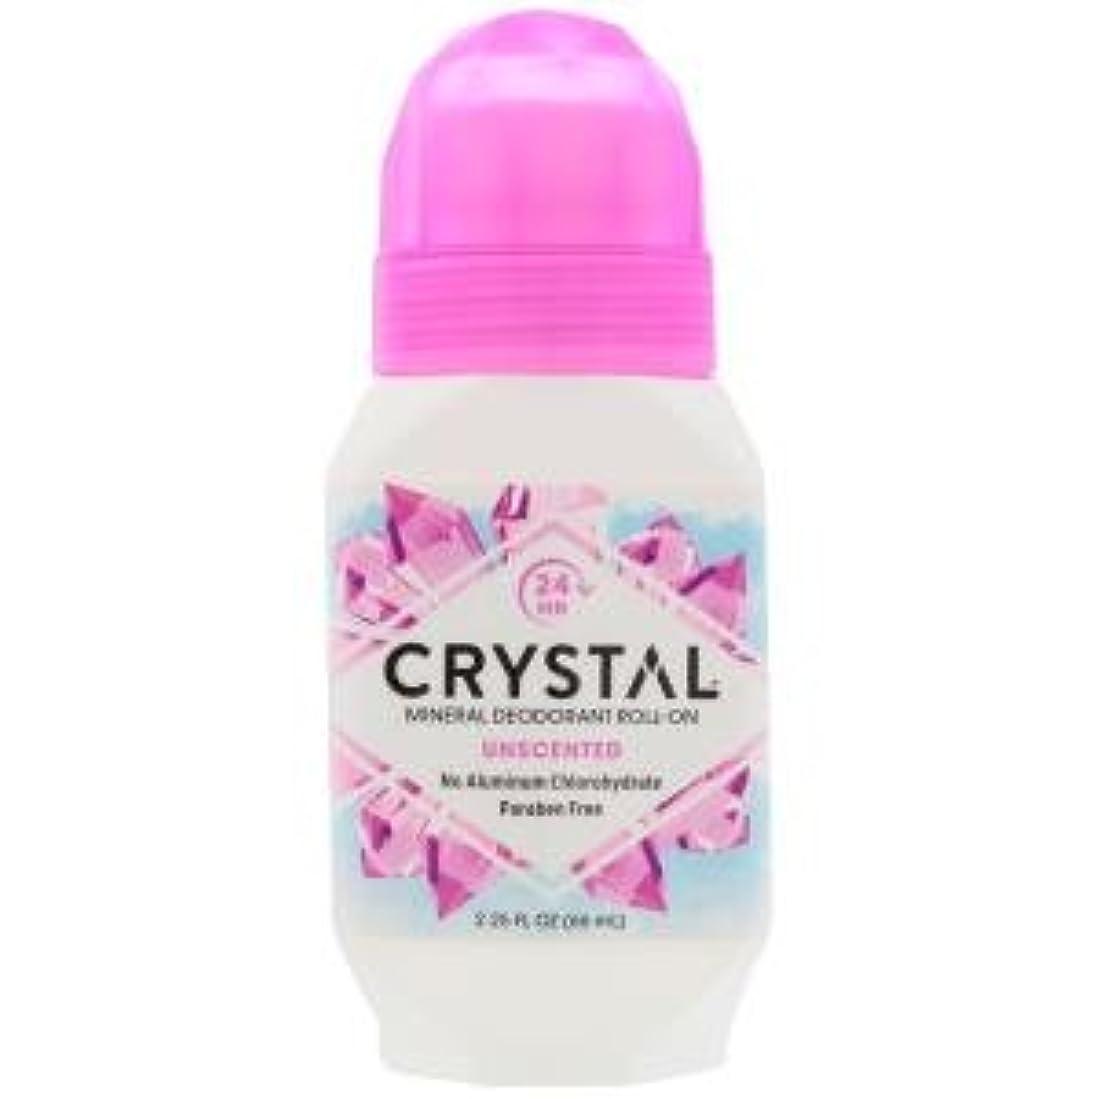 明示的に買い物に行く提唱する[海外直送品] クリスタルボディデオドラント(Crystal Body Deodorant) ロールオン(無香料) 66ml